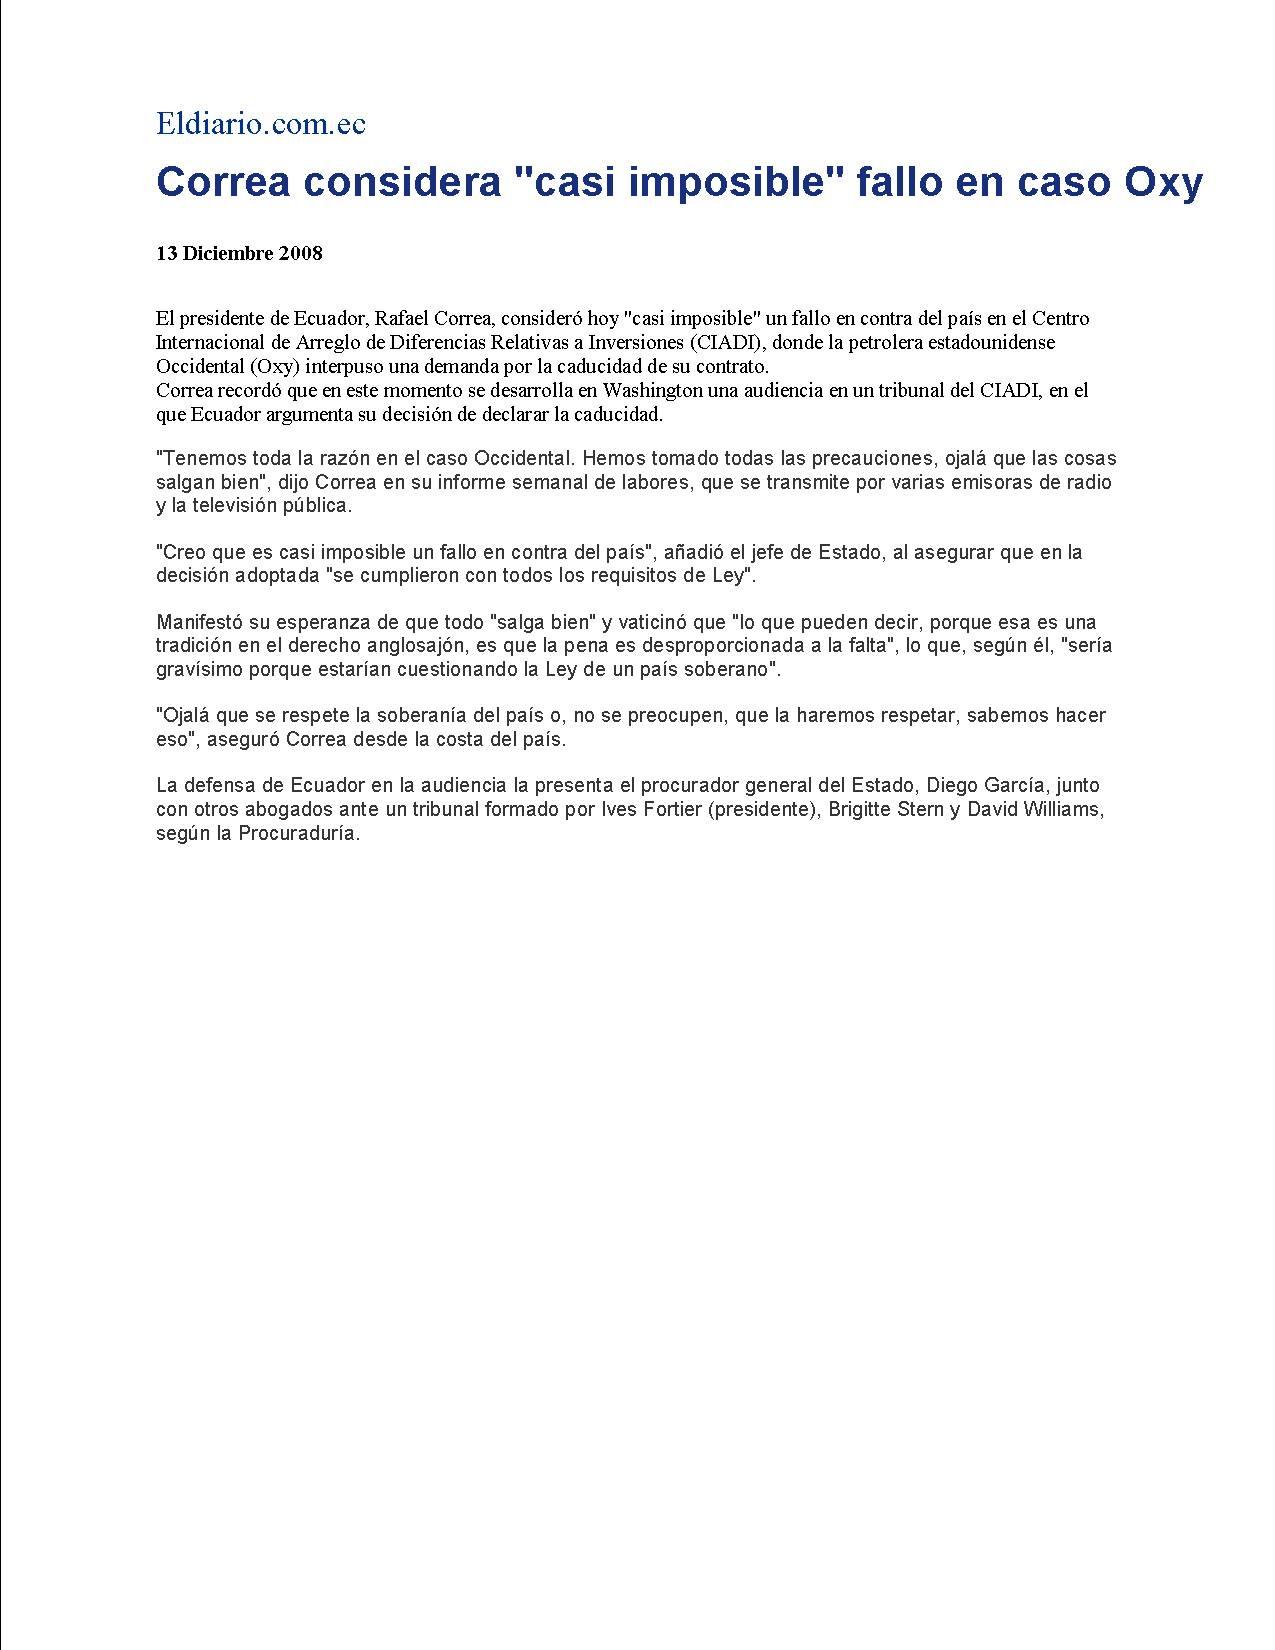 15-2008-12-13 El Diario